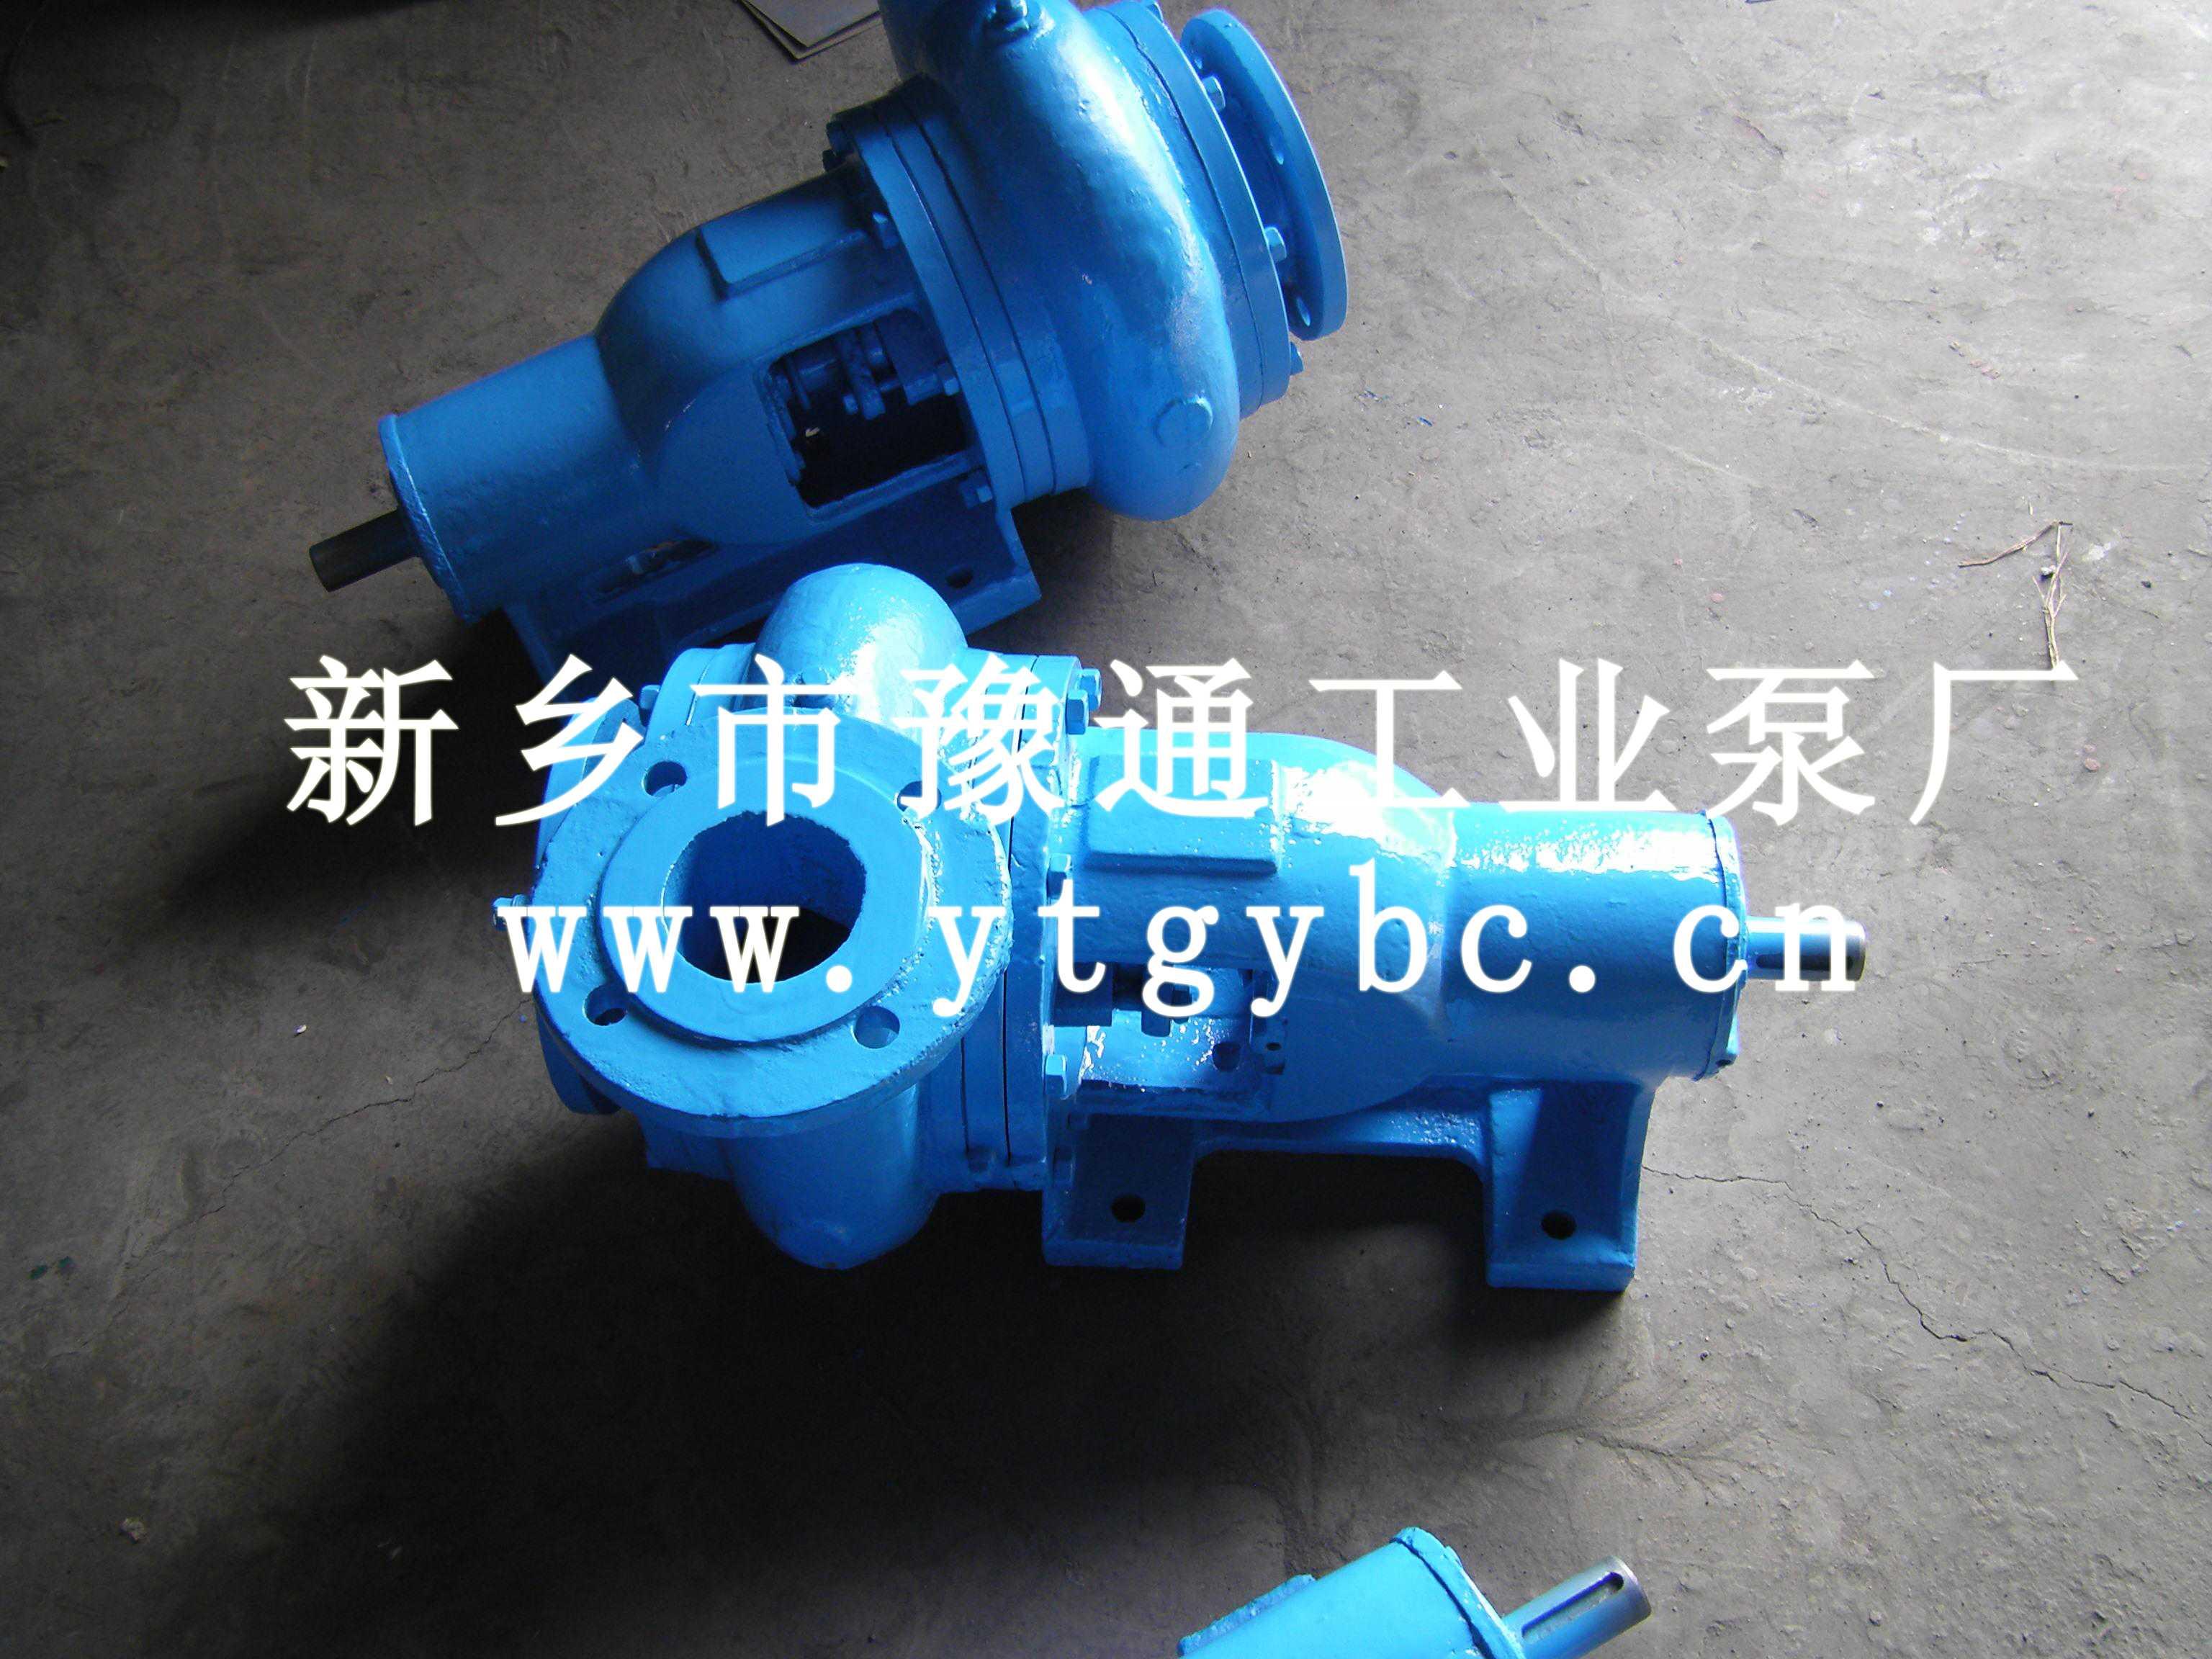 為您推薦優可靠的WG離心式污水泵 質量好的WG離心式污水泵